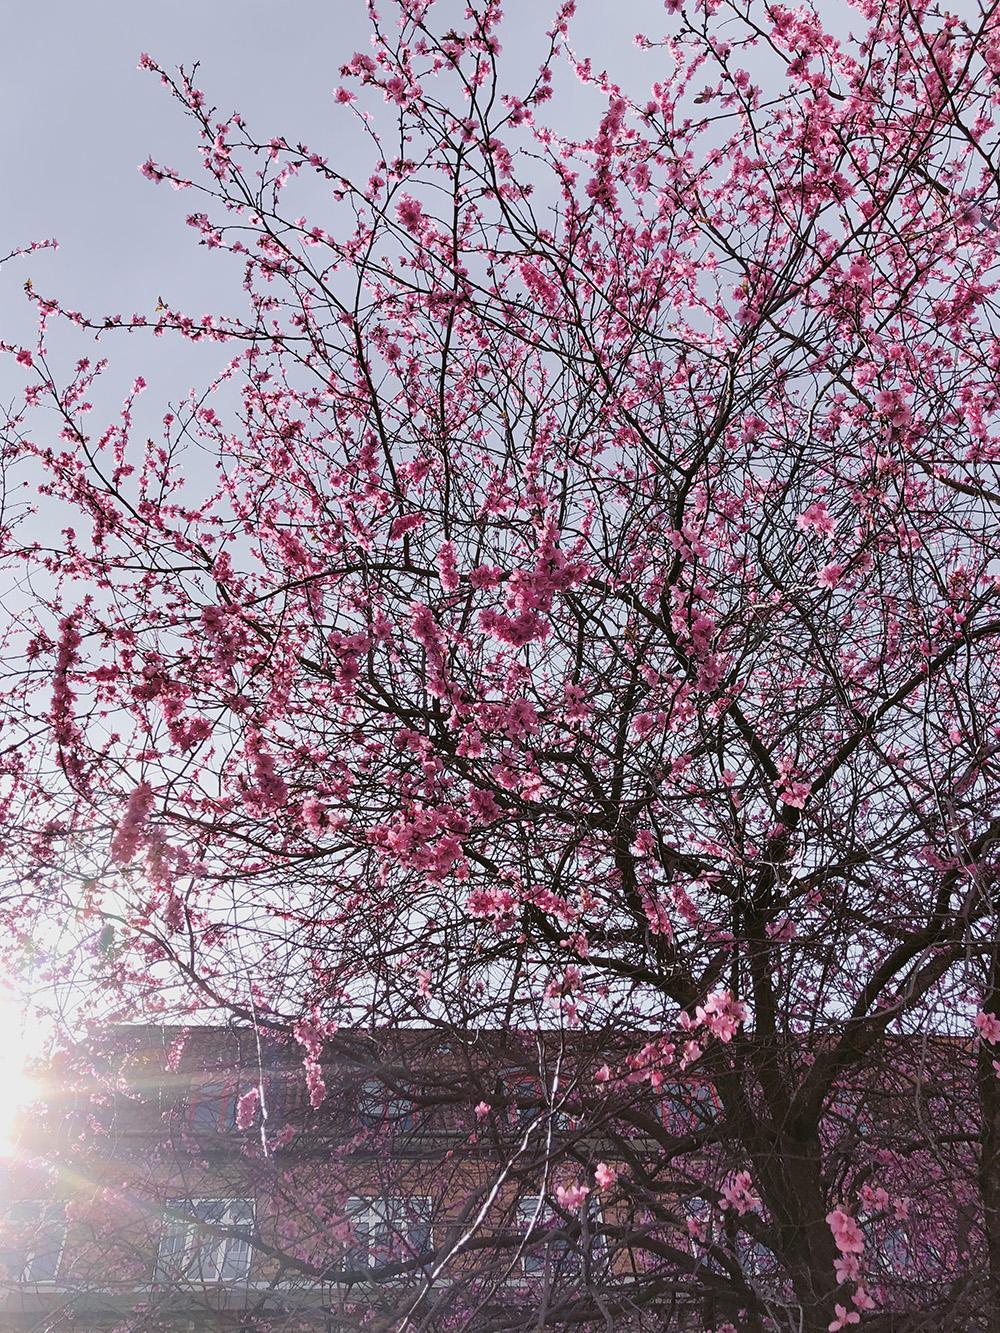 blomstrende kirsebærtræ